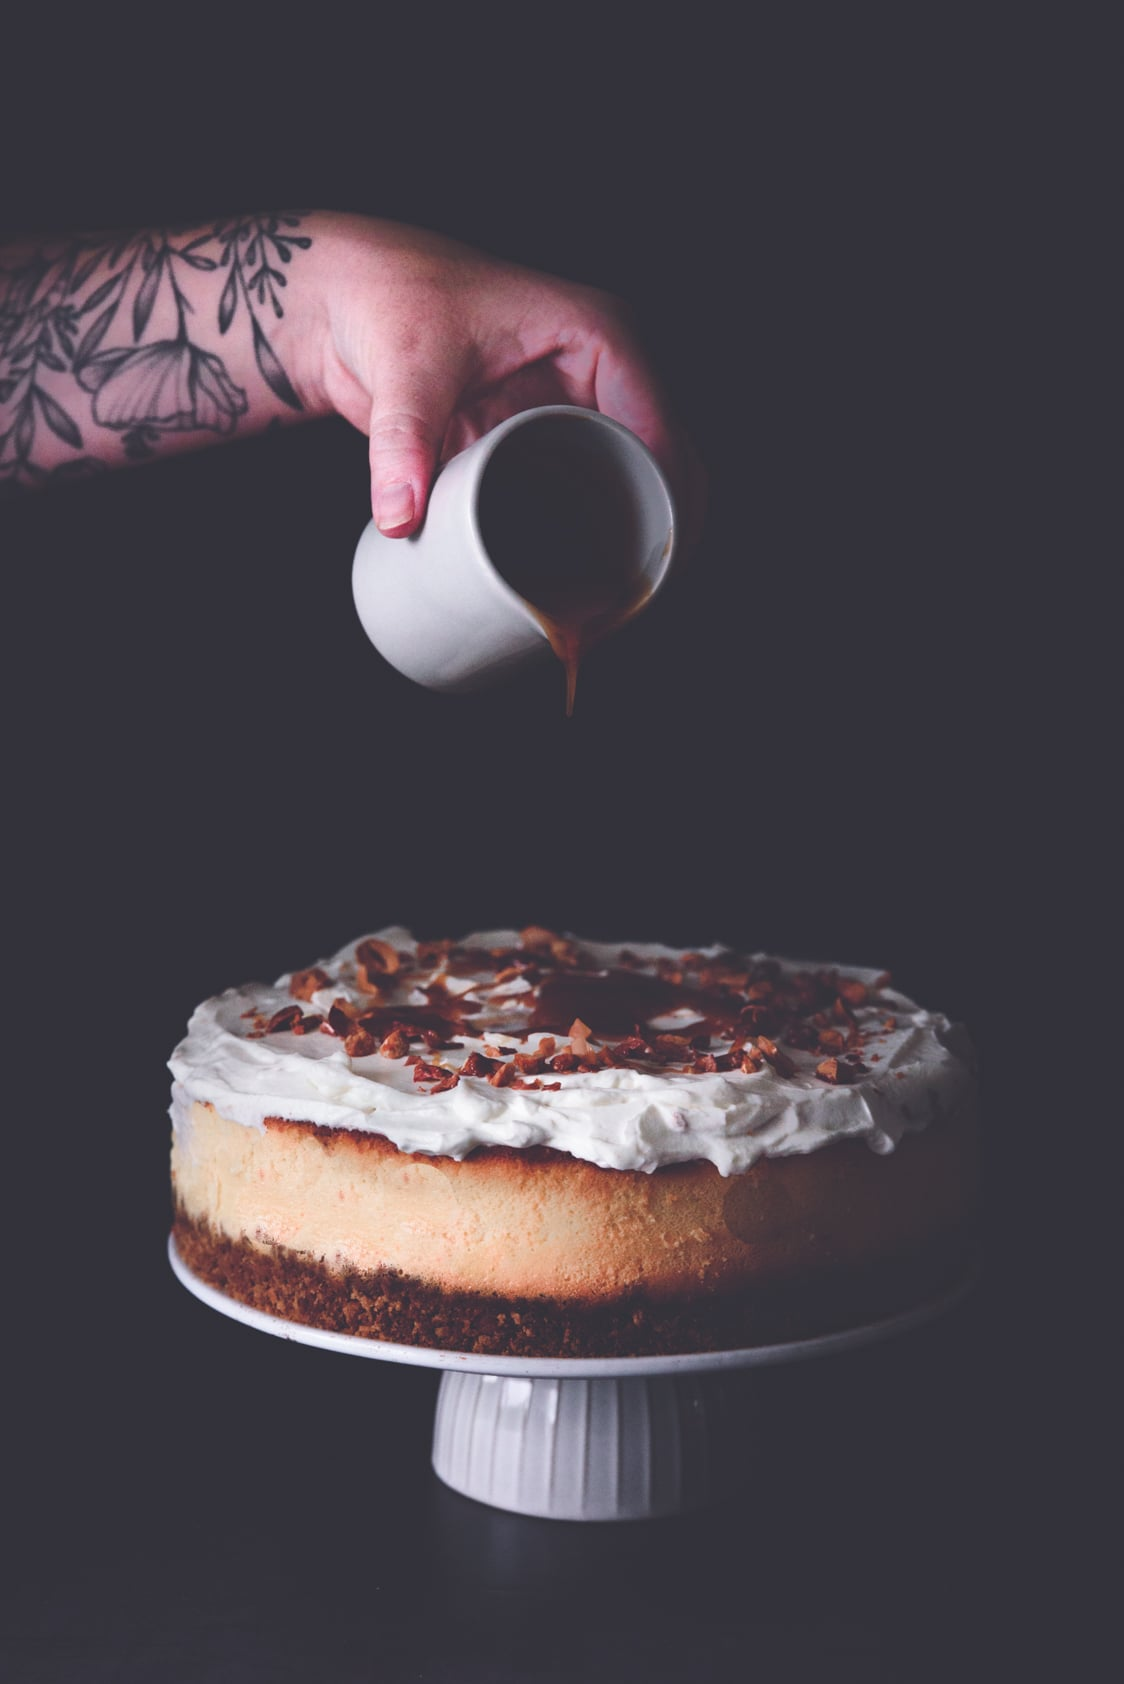 La meilleure recette de cheesecake de l'année - confitbanane